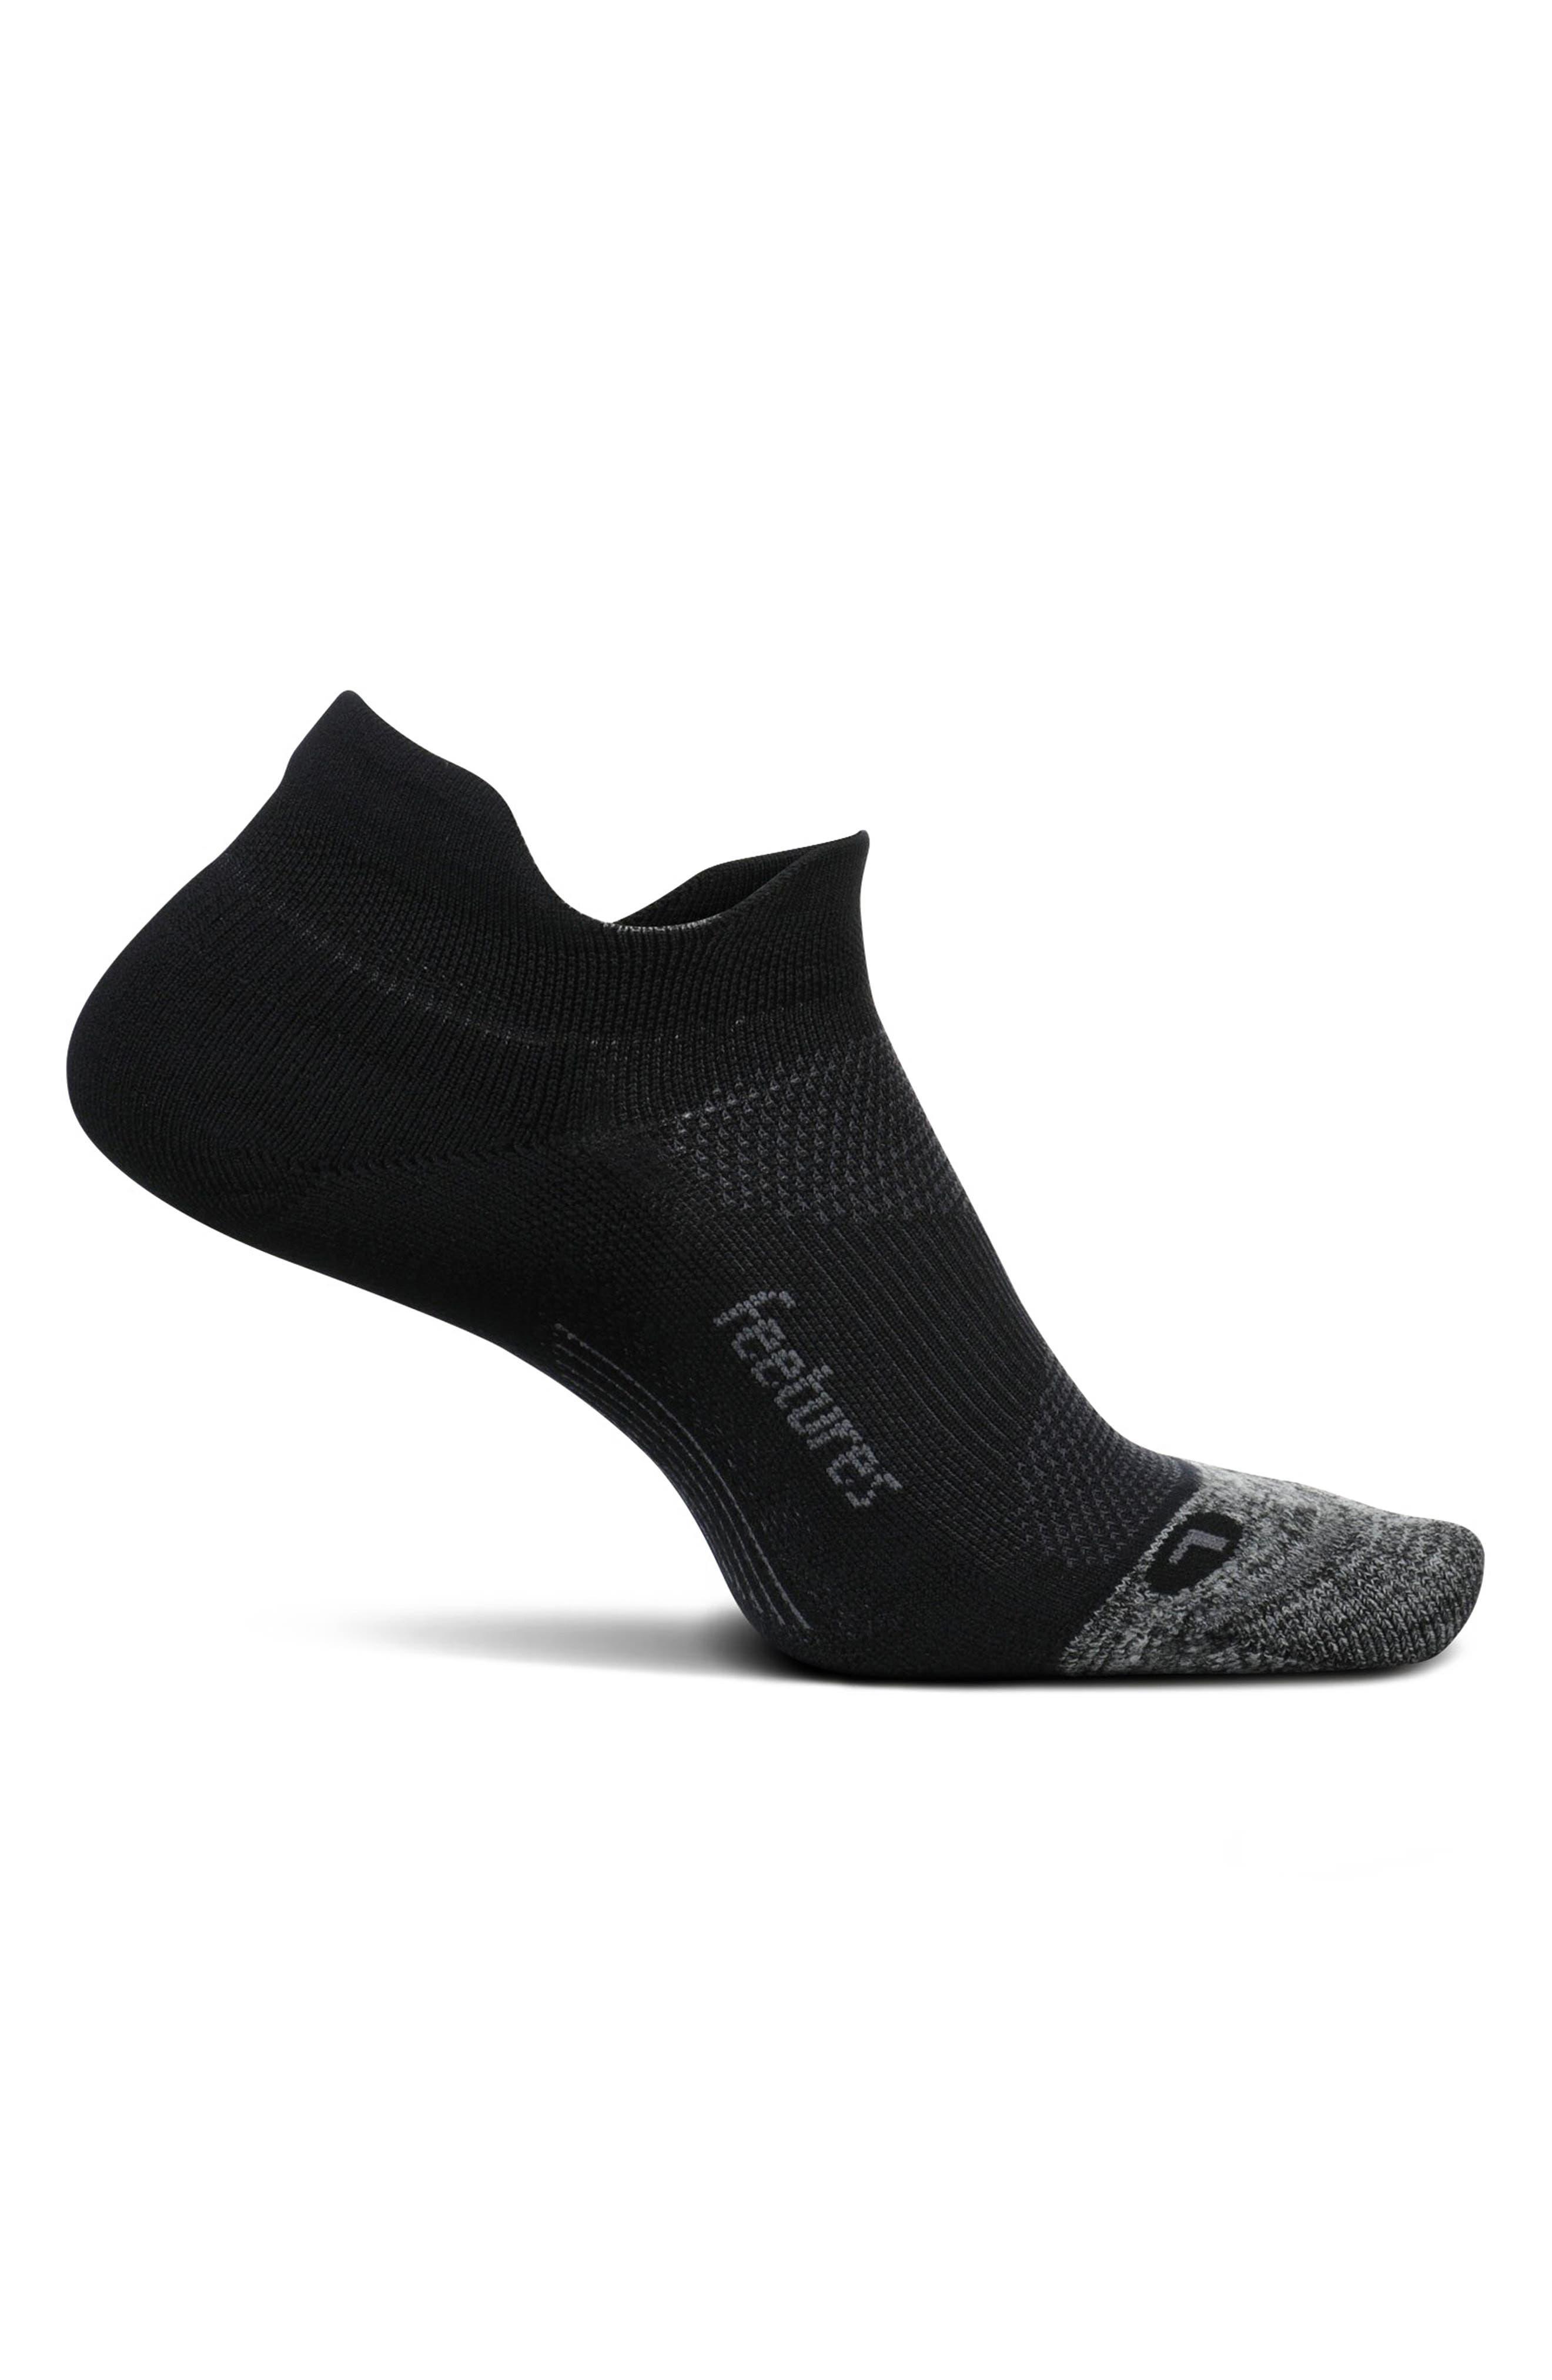 Elite Max Cushion No-Show Tab Socks